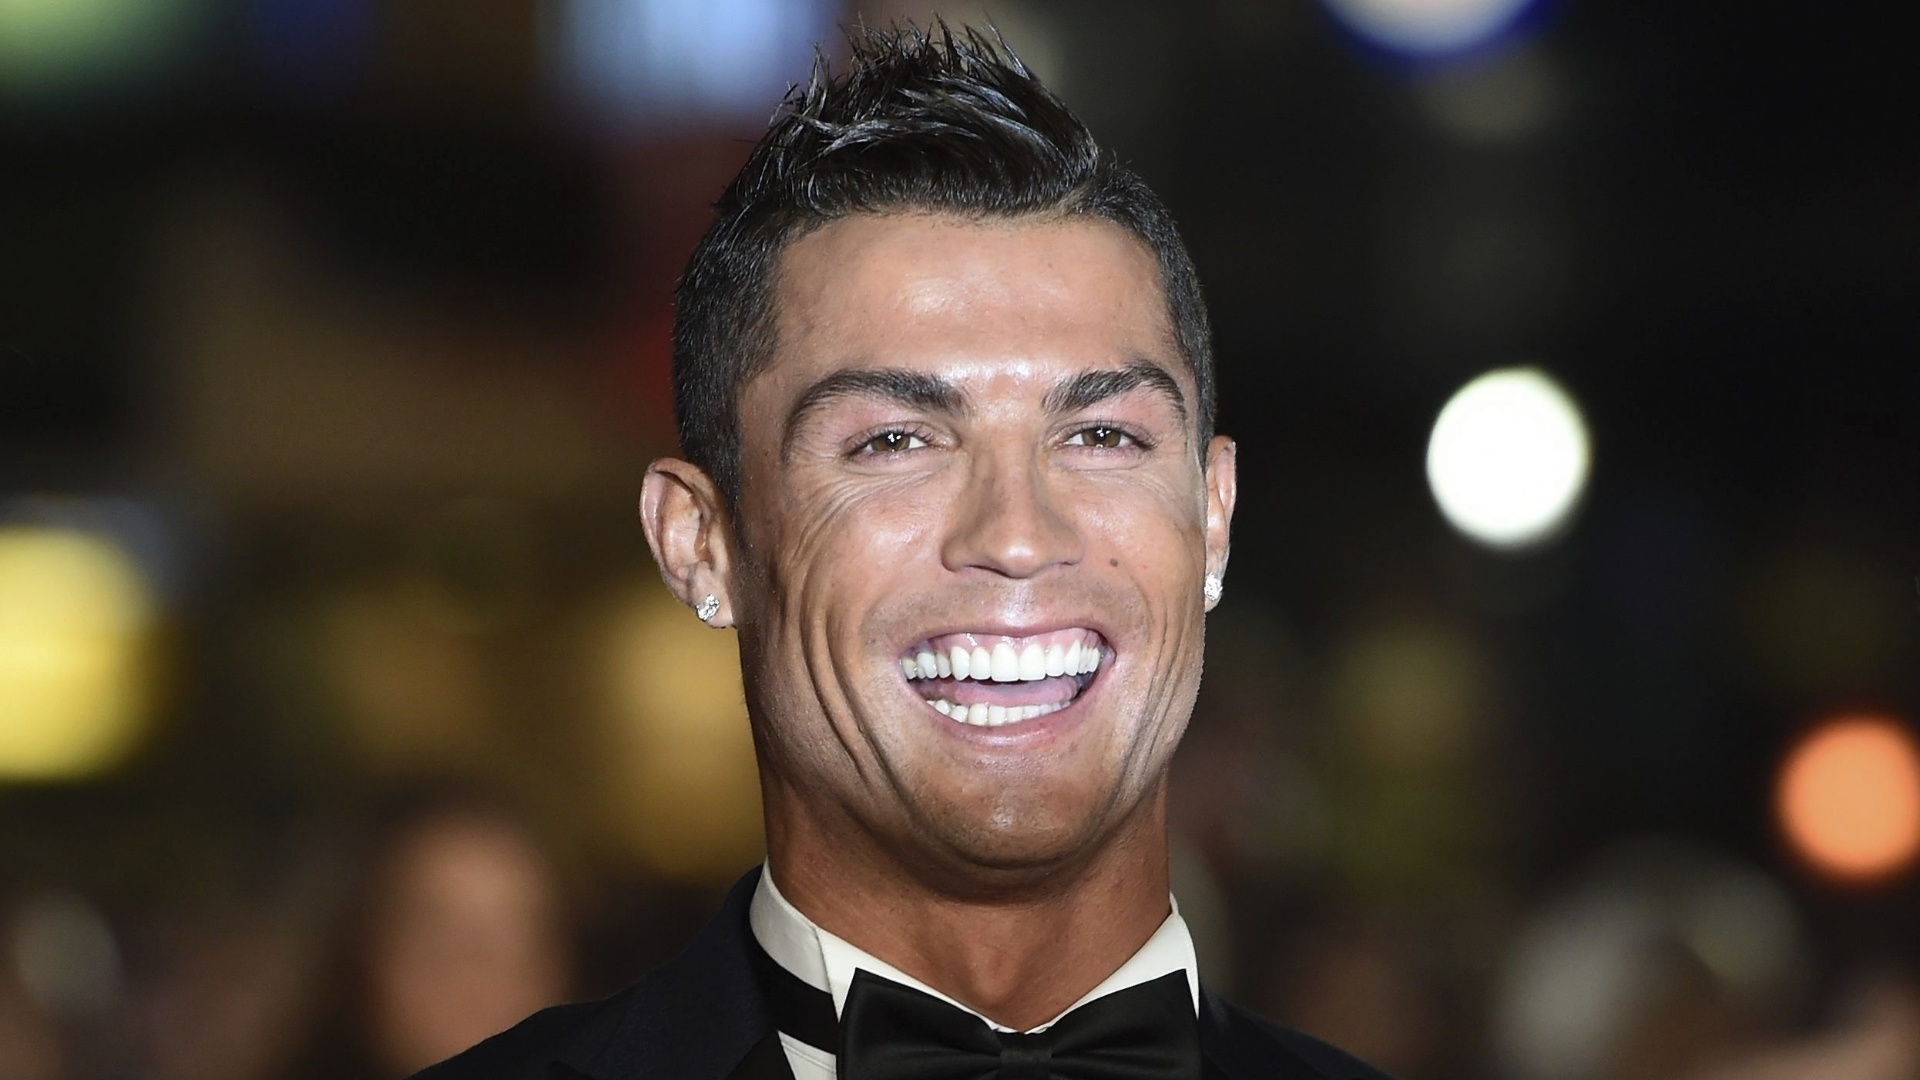 Cristiano Ronaldo foi só sorrisos no lançamento de seu filme biográfico, nesta segunda-feira (09), em Londres